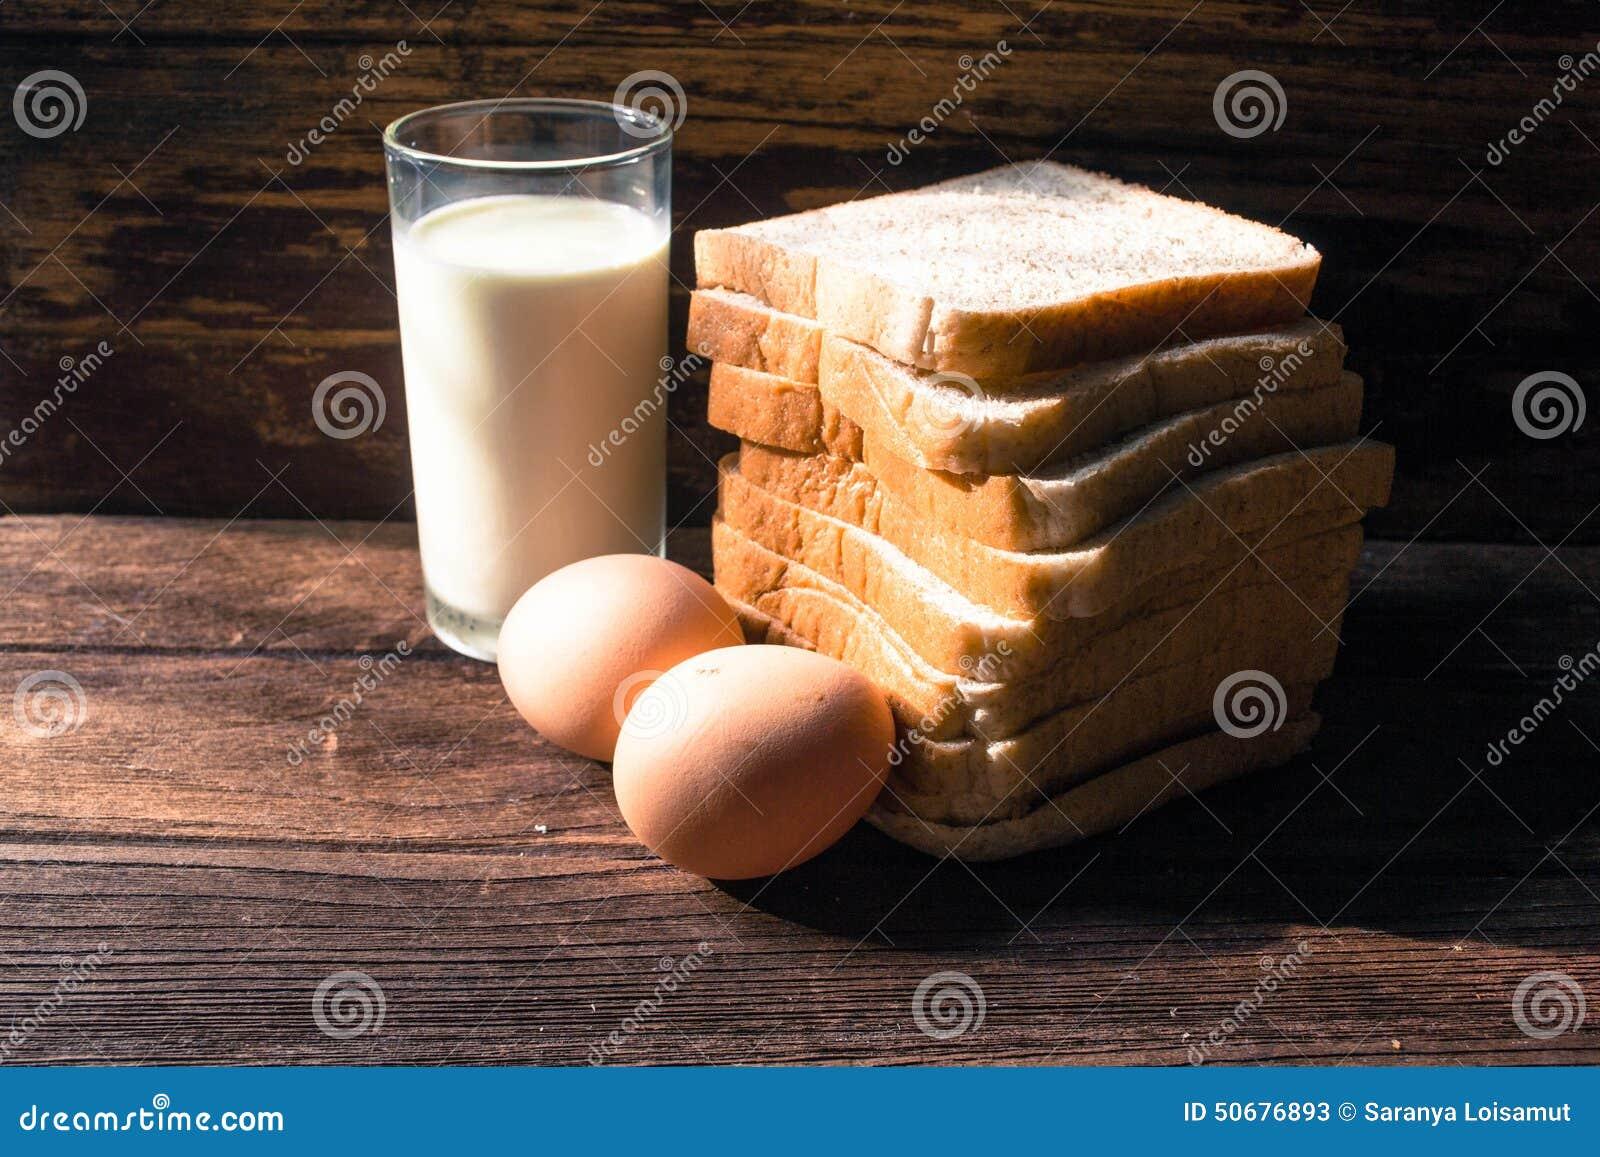 Download 切片在木背景添面包,怂恿并且挤奶 库存图片. 图片 包括有 大面包, 可口, 经纪, 厨房, 新鲜, 巴西 - 50676893